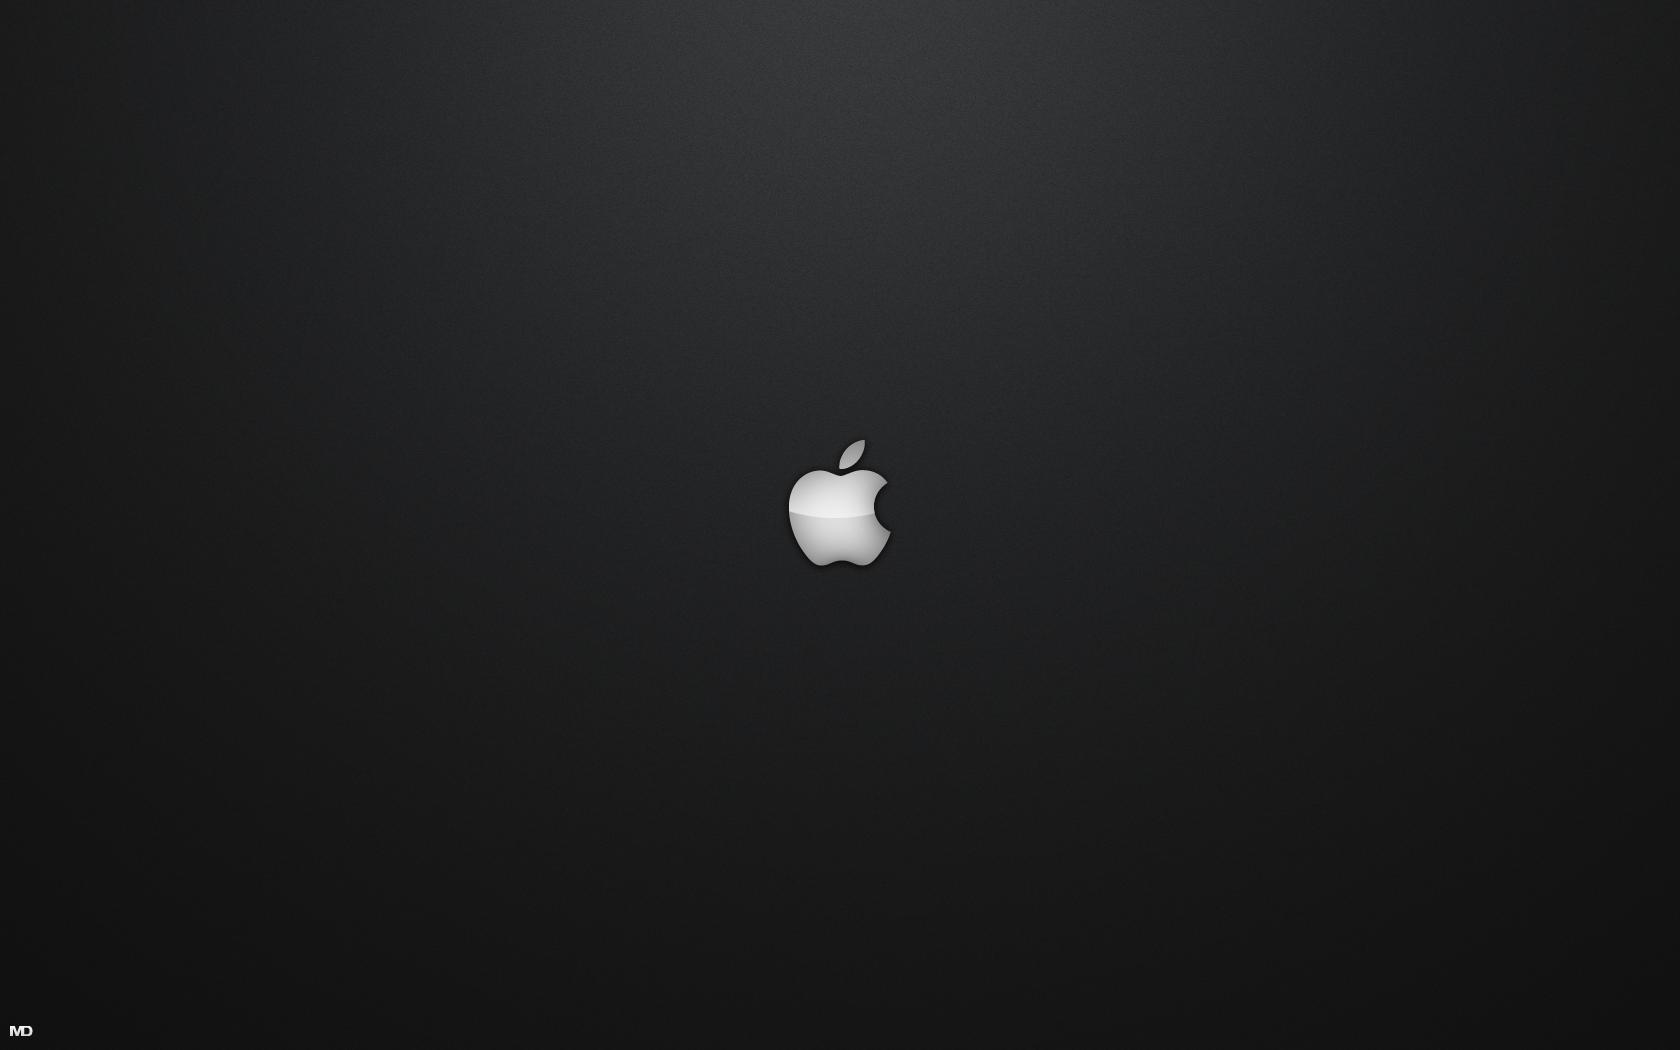 Black Cool Apple Mac Wallpaper Best #1816 Wallpaper | High ...